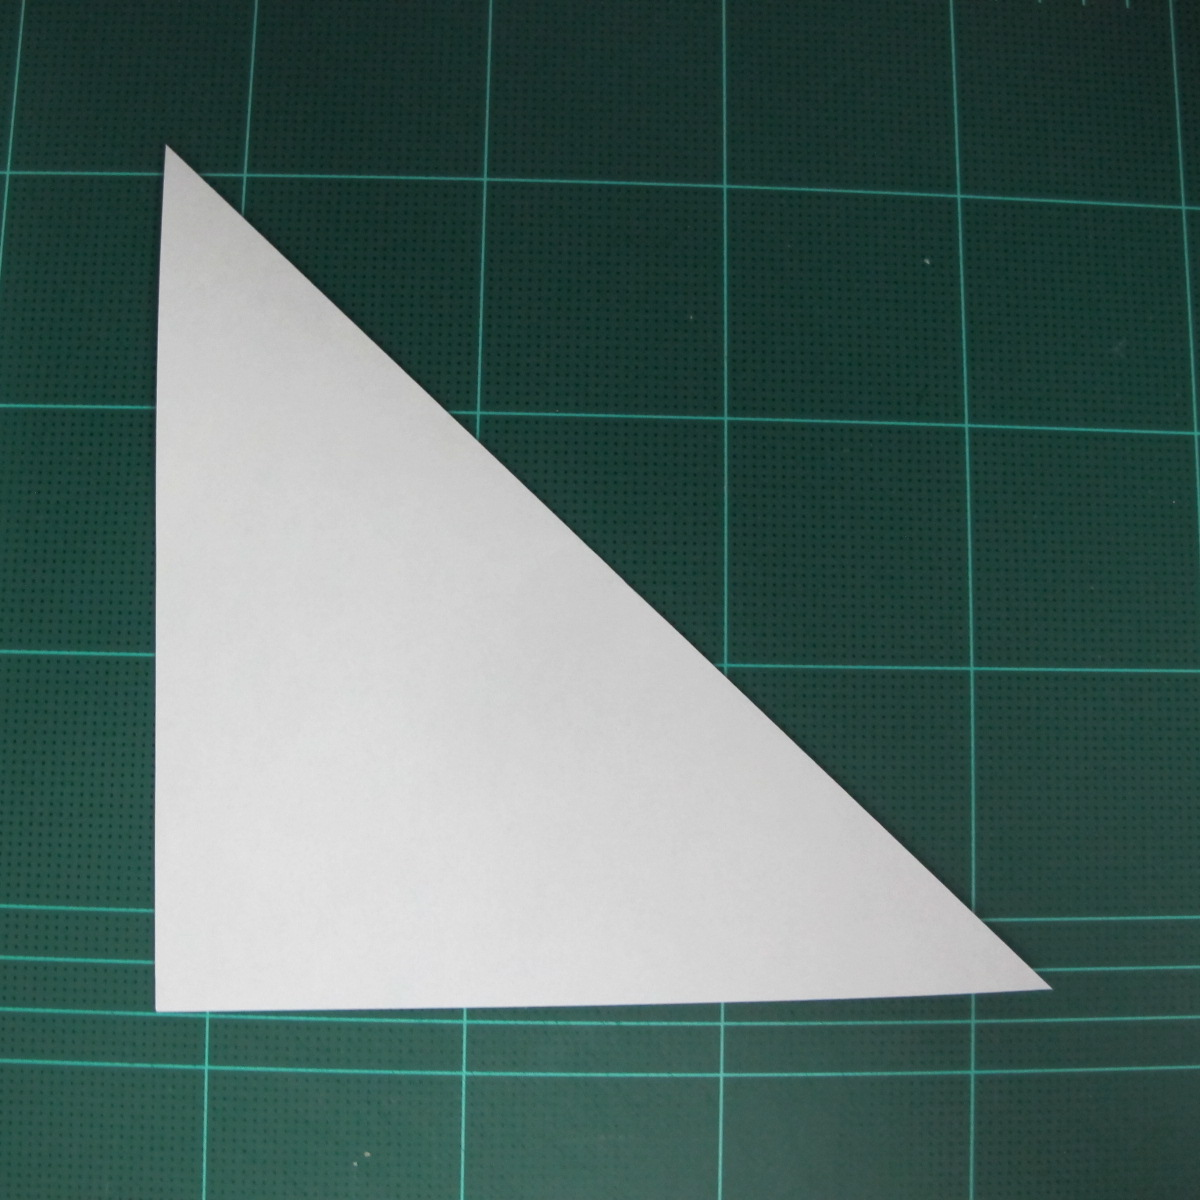 การพับกระดาษเป็นรูปเรือมังกร (Origami Dragon Boat) 002